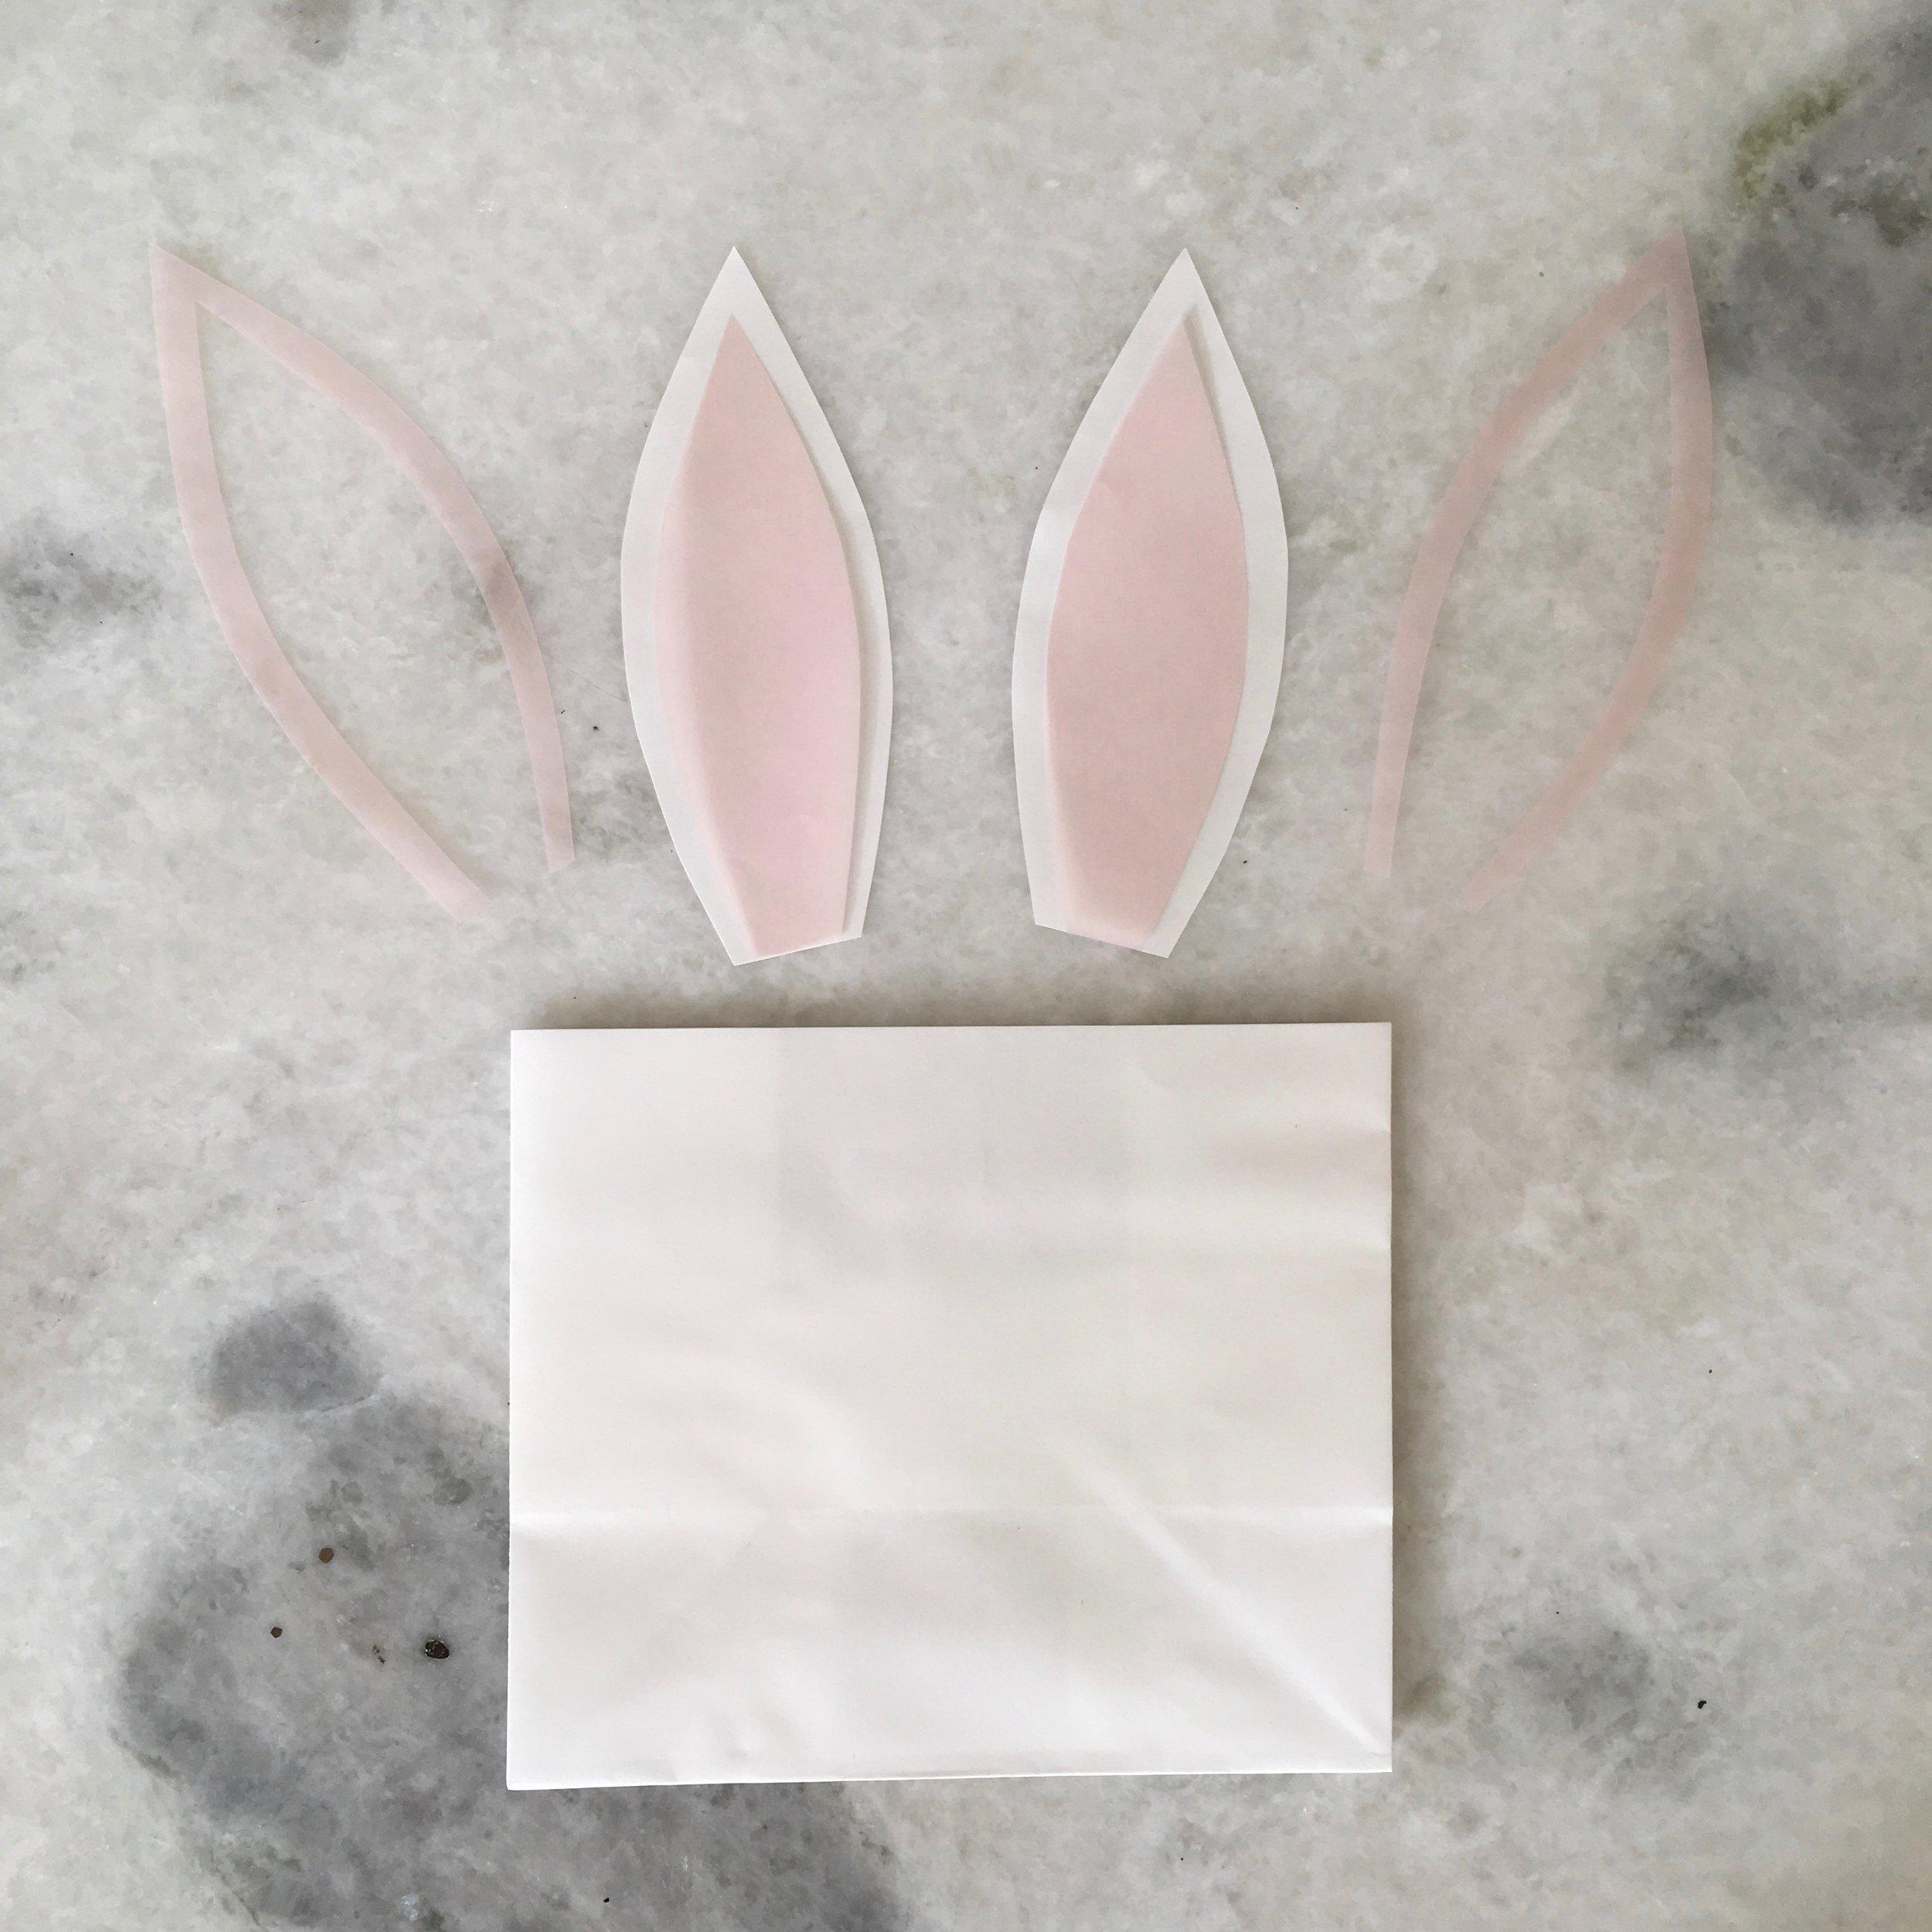 DIY Bunny Favor Bags on meethaha.com